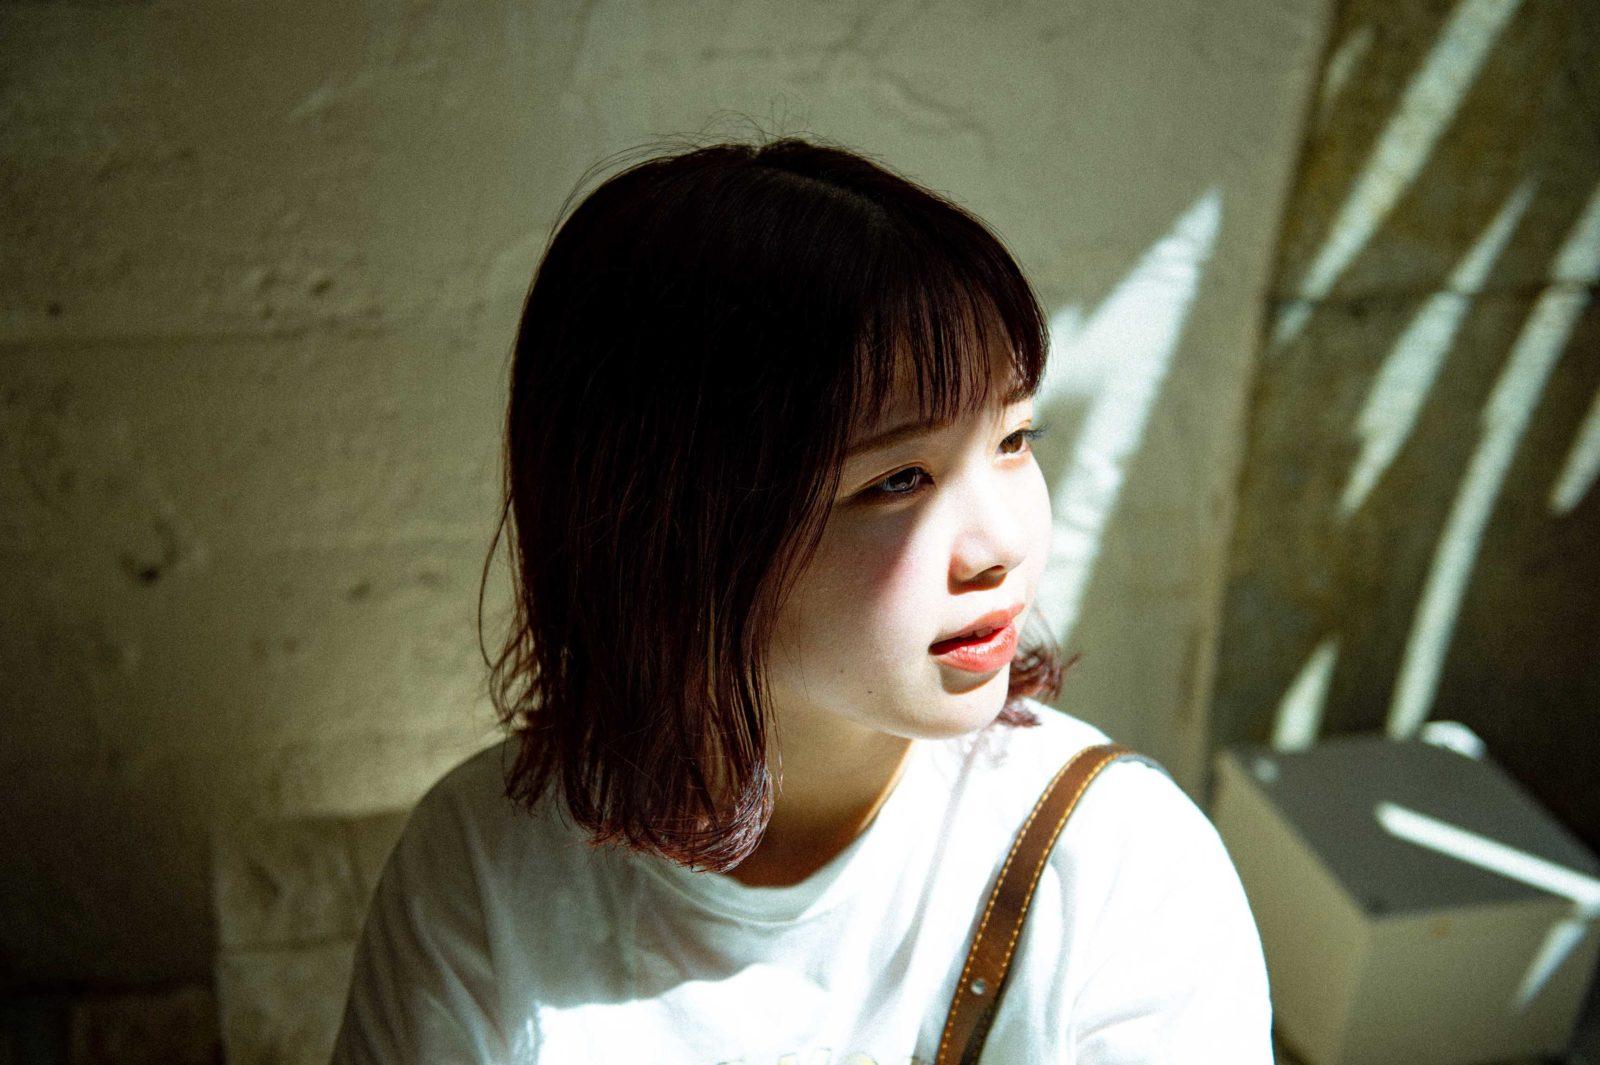 asmi、9月9日発売1stアルバム『bond』より「anpan」の先行配信開始サムネイル画像